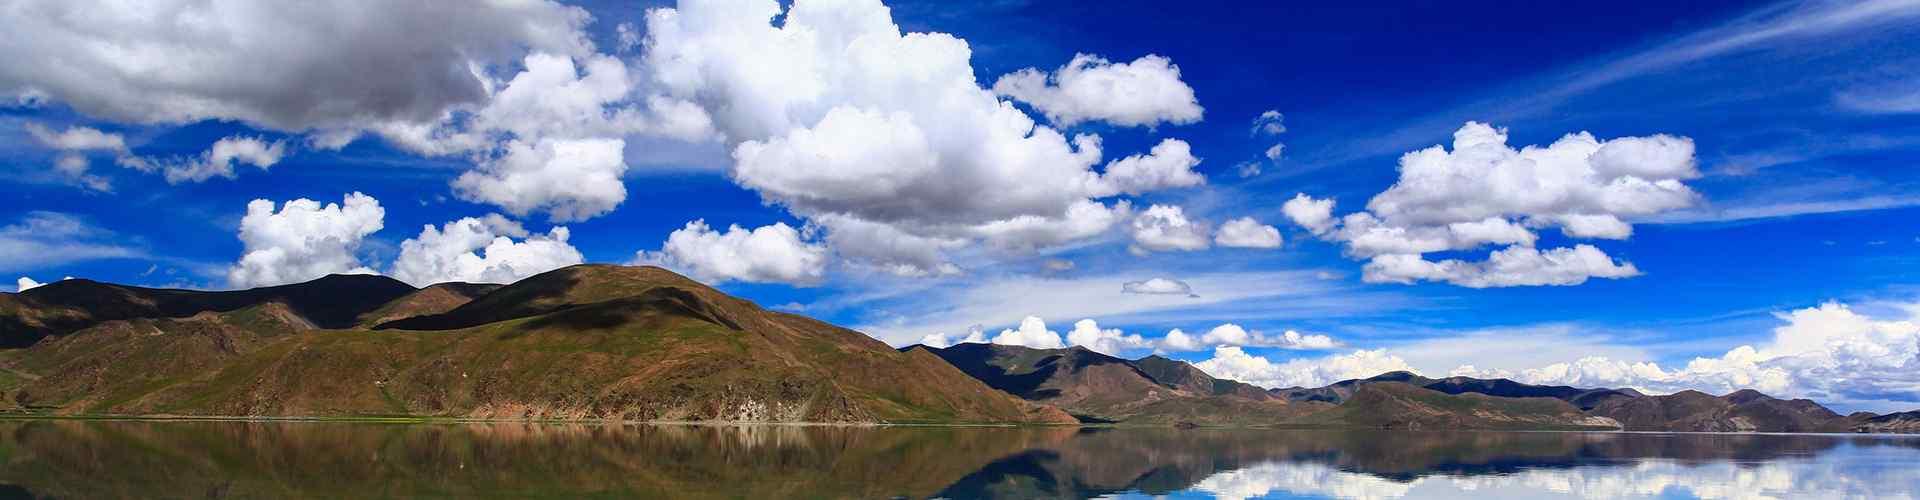 西藏拉萨_布达拉宫图片_羊卓雍错图片_纳木错图片_喜马拉雅山图片_风景壁纸